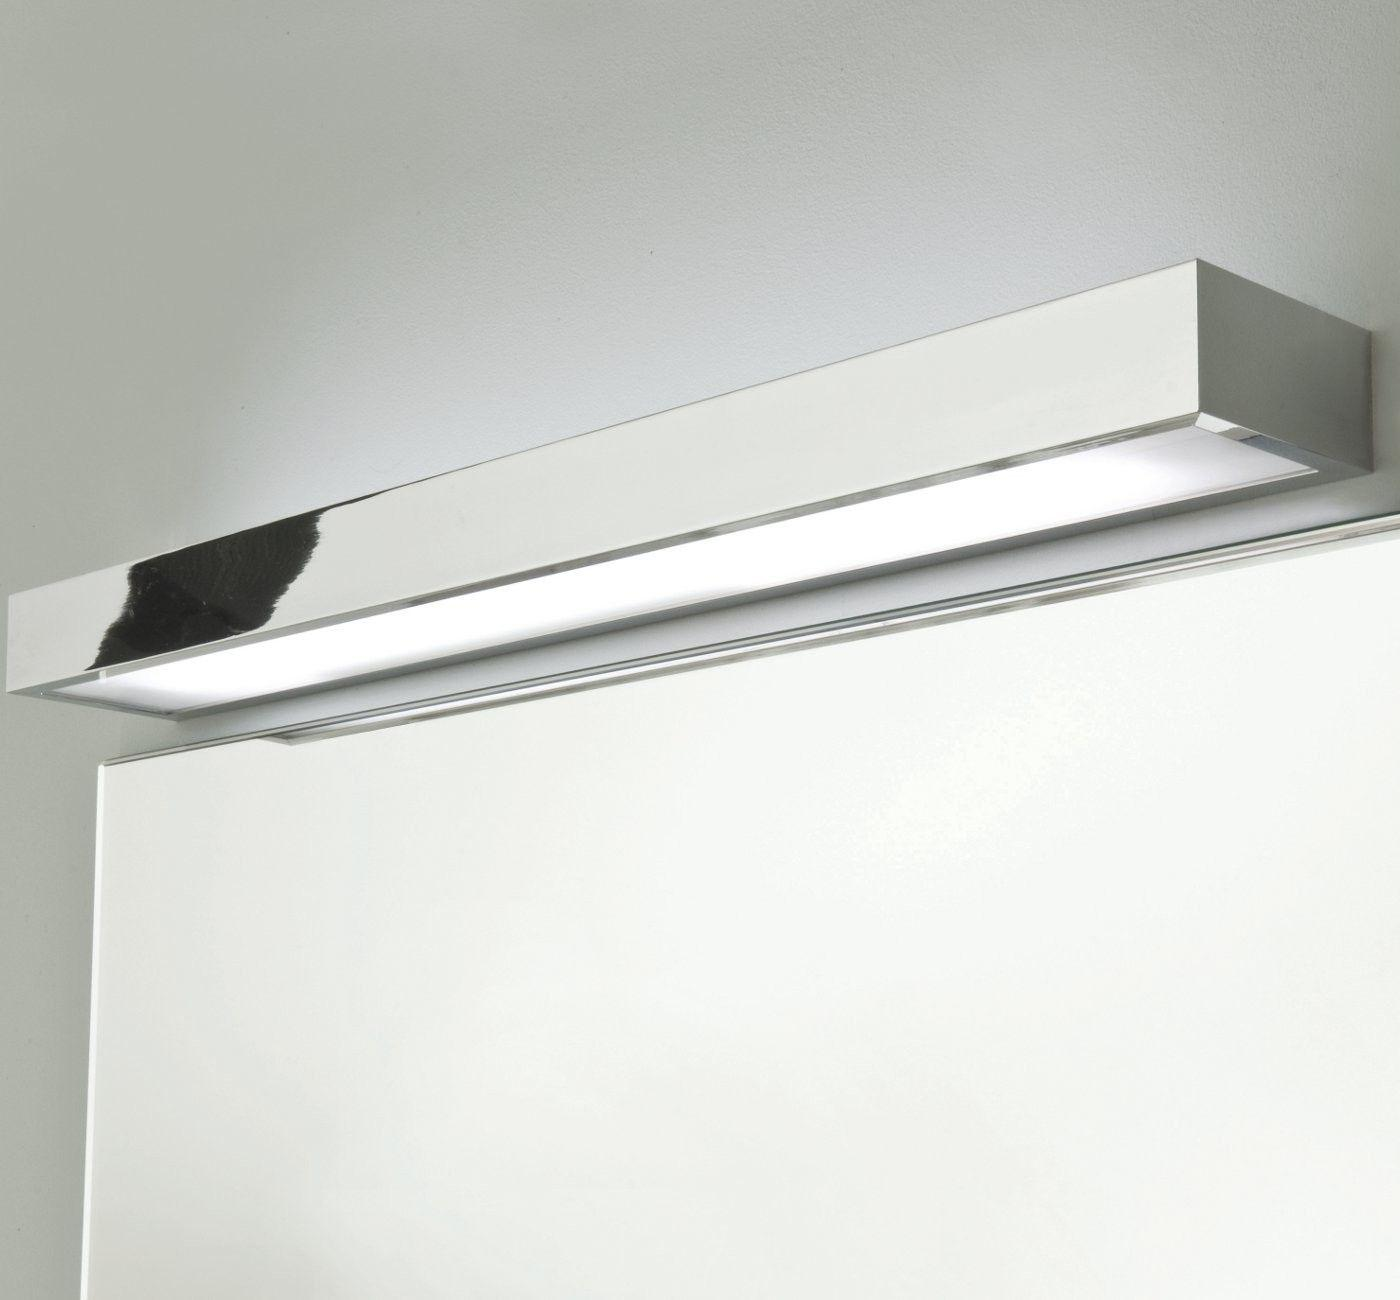 Badezimmerlampe über Spiegel